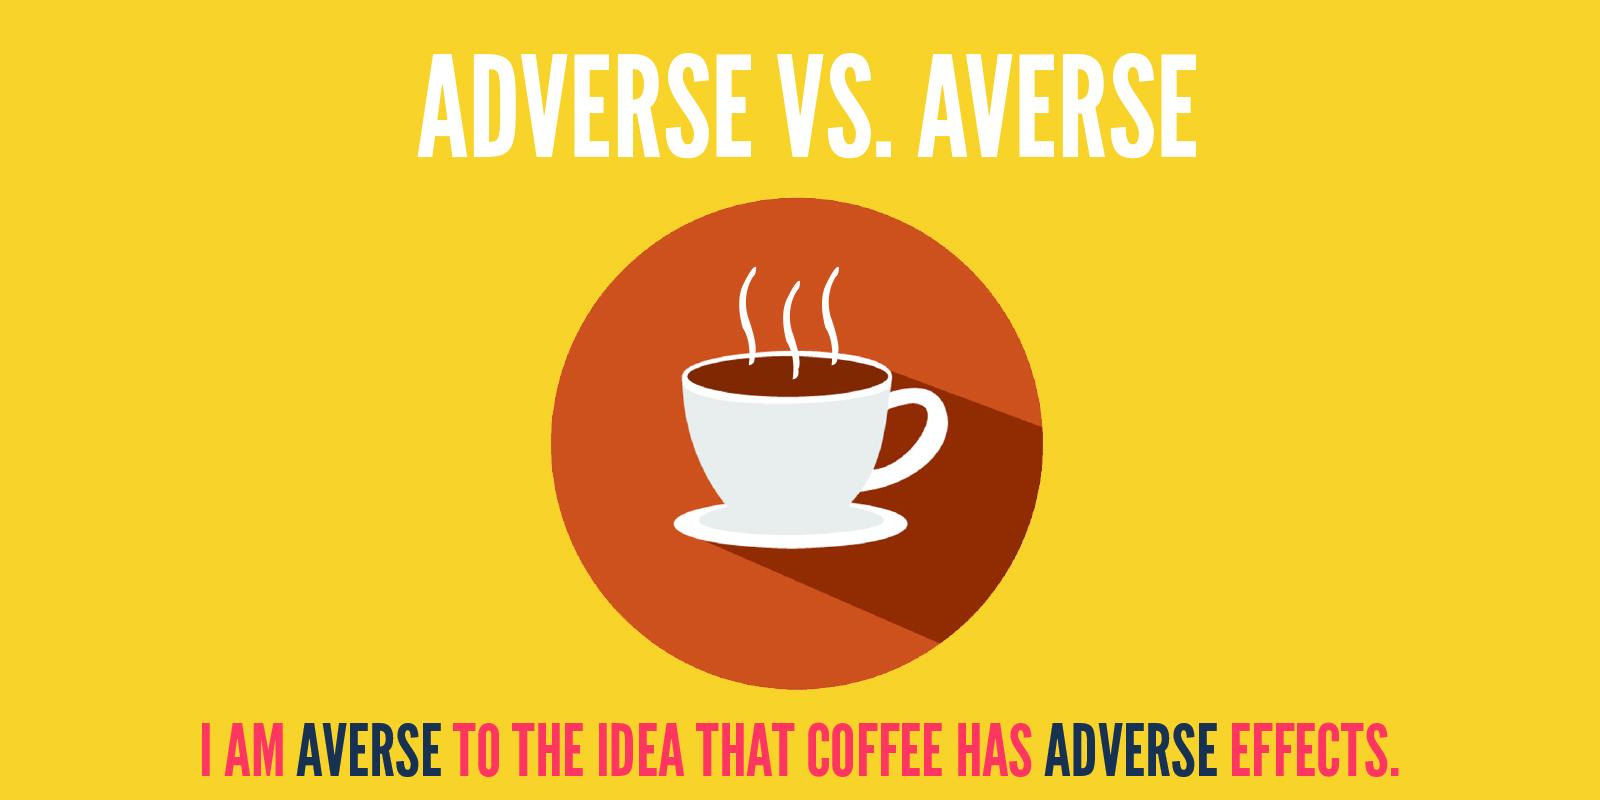 adverse vs averse